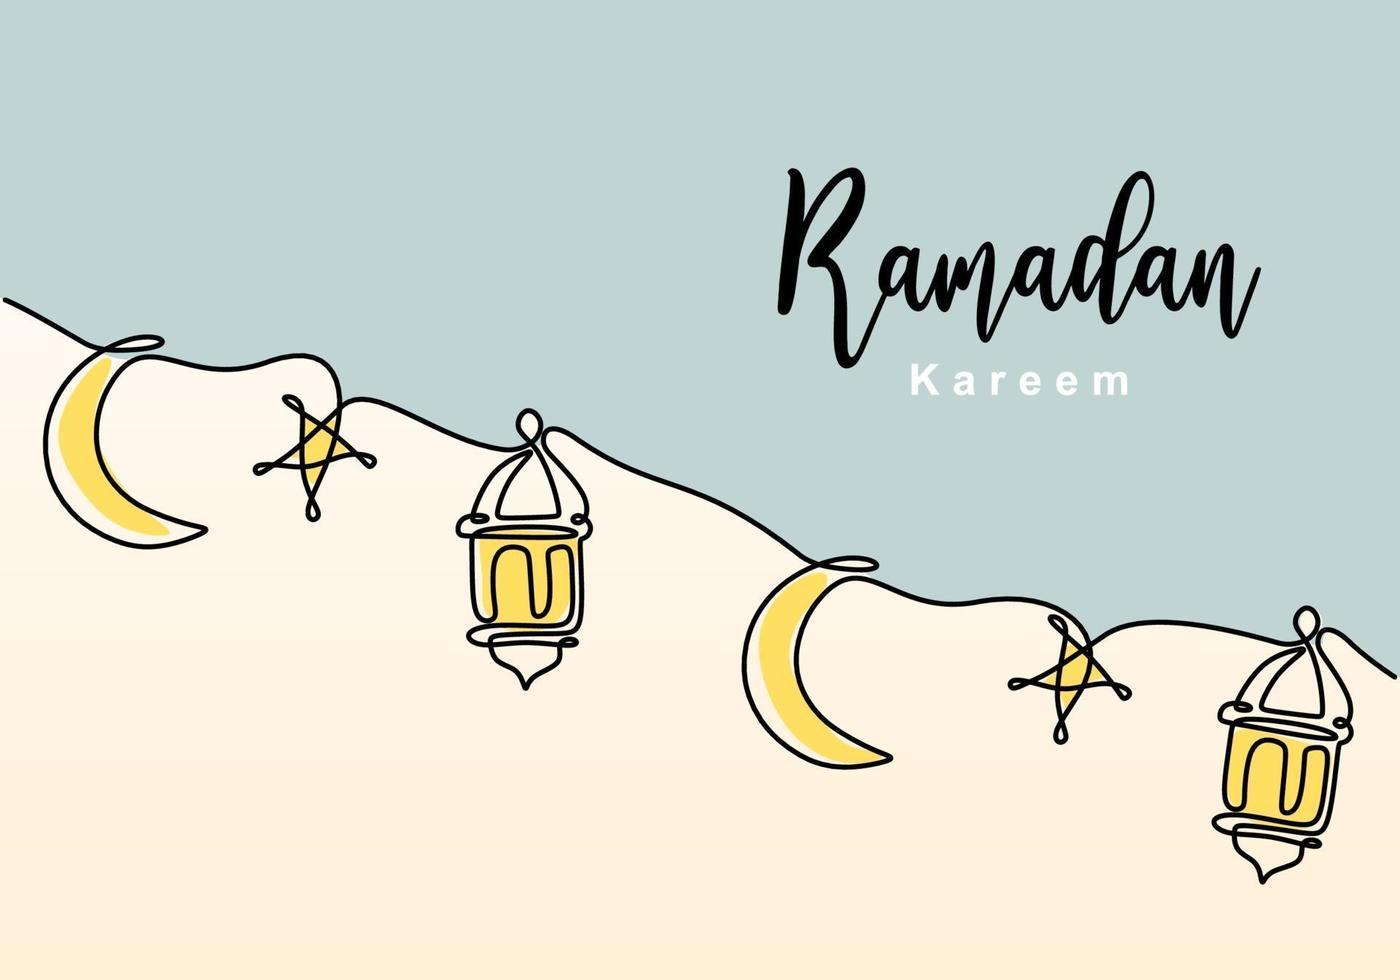 desenho de linha contínua de decoração islâmica com lanterna, estrela e lua e letras. feriado tradicional muçulmano. mão desenhada linha arte do conceito de cartão ramadan kareem. ilustração vetorial vetor